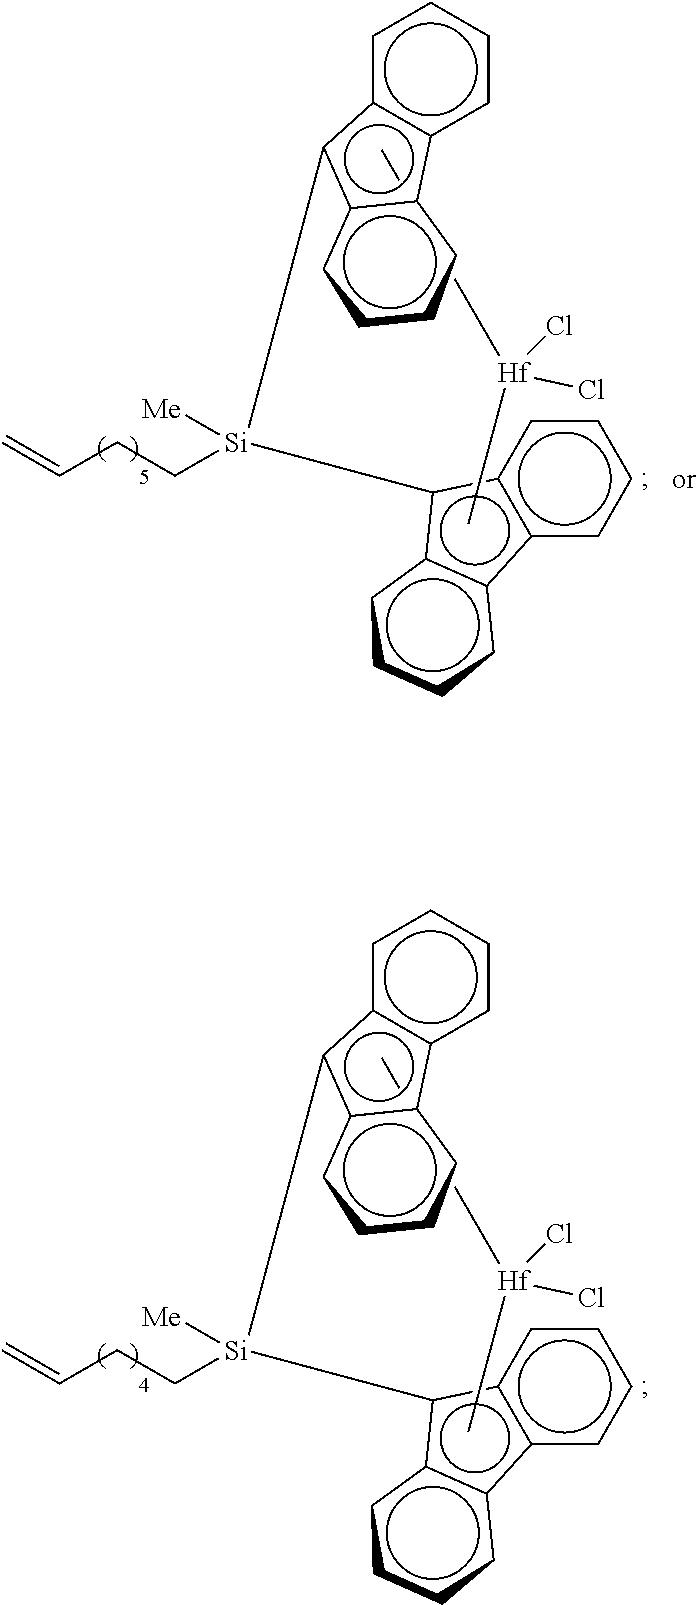 Figure US20110059840A1-20110310-C00014